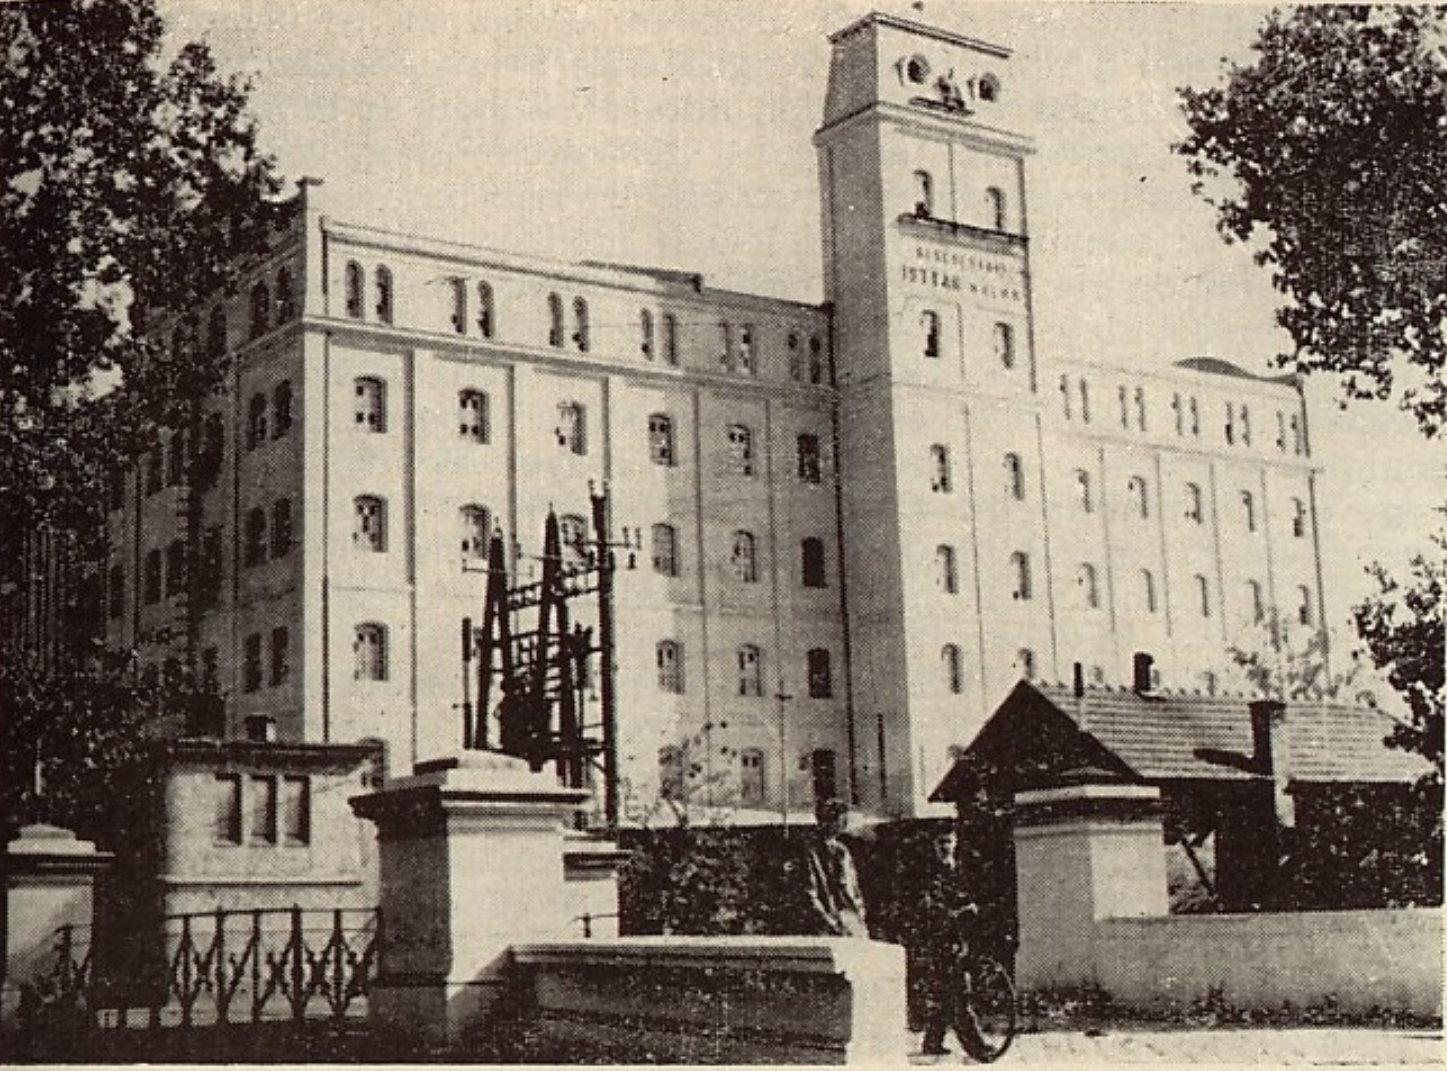 malom_1960korul.jpg